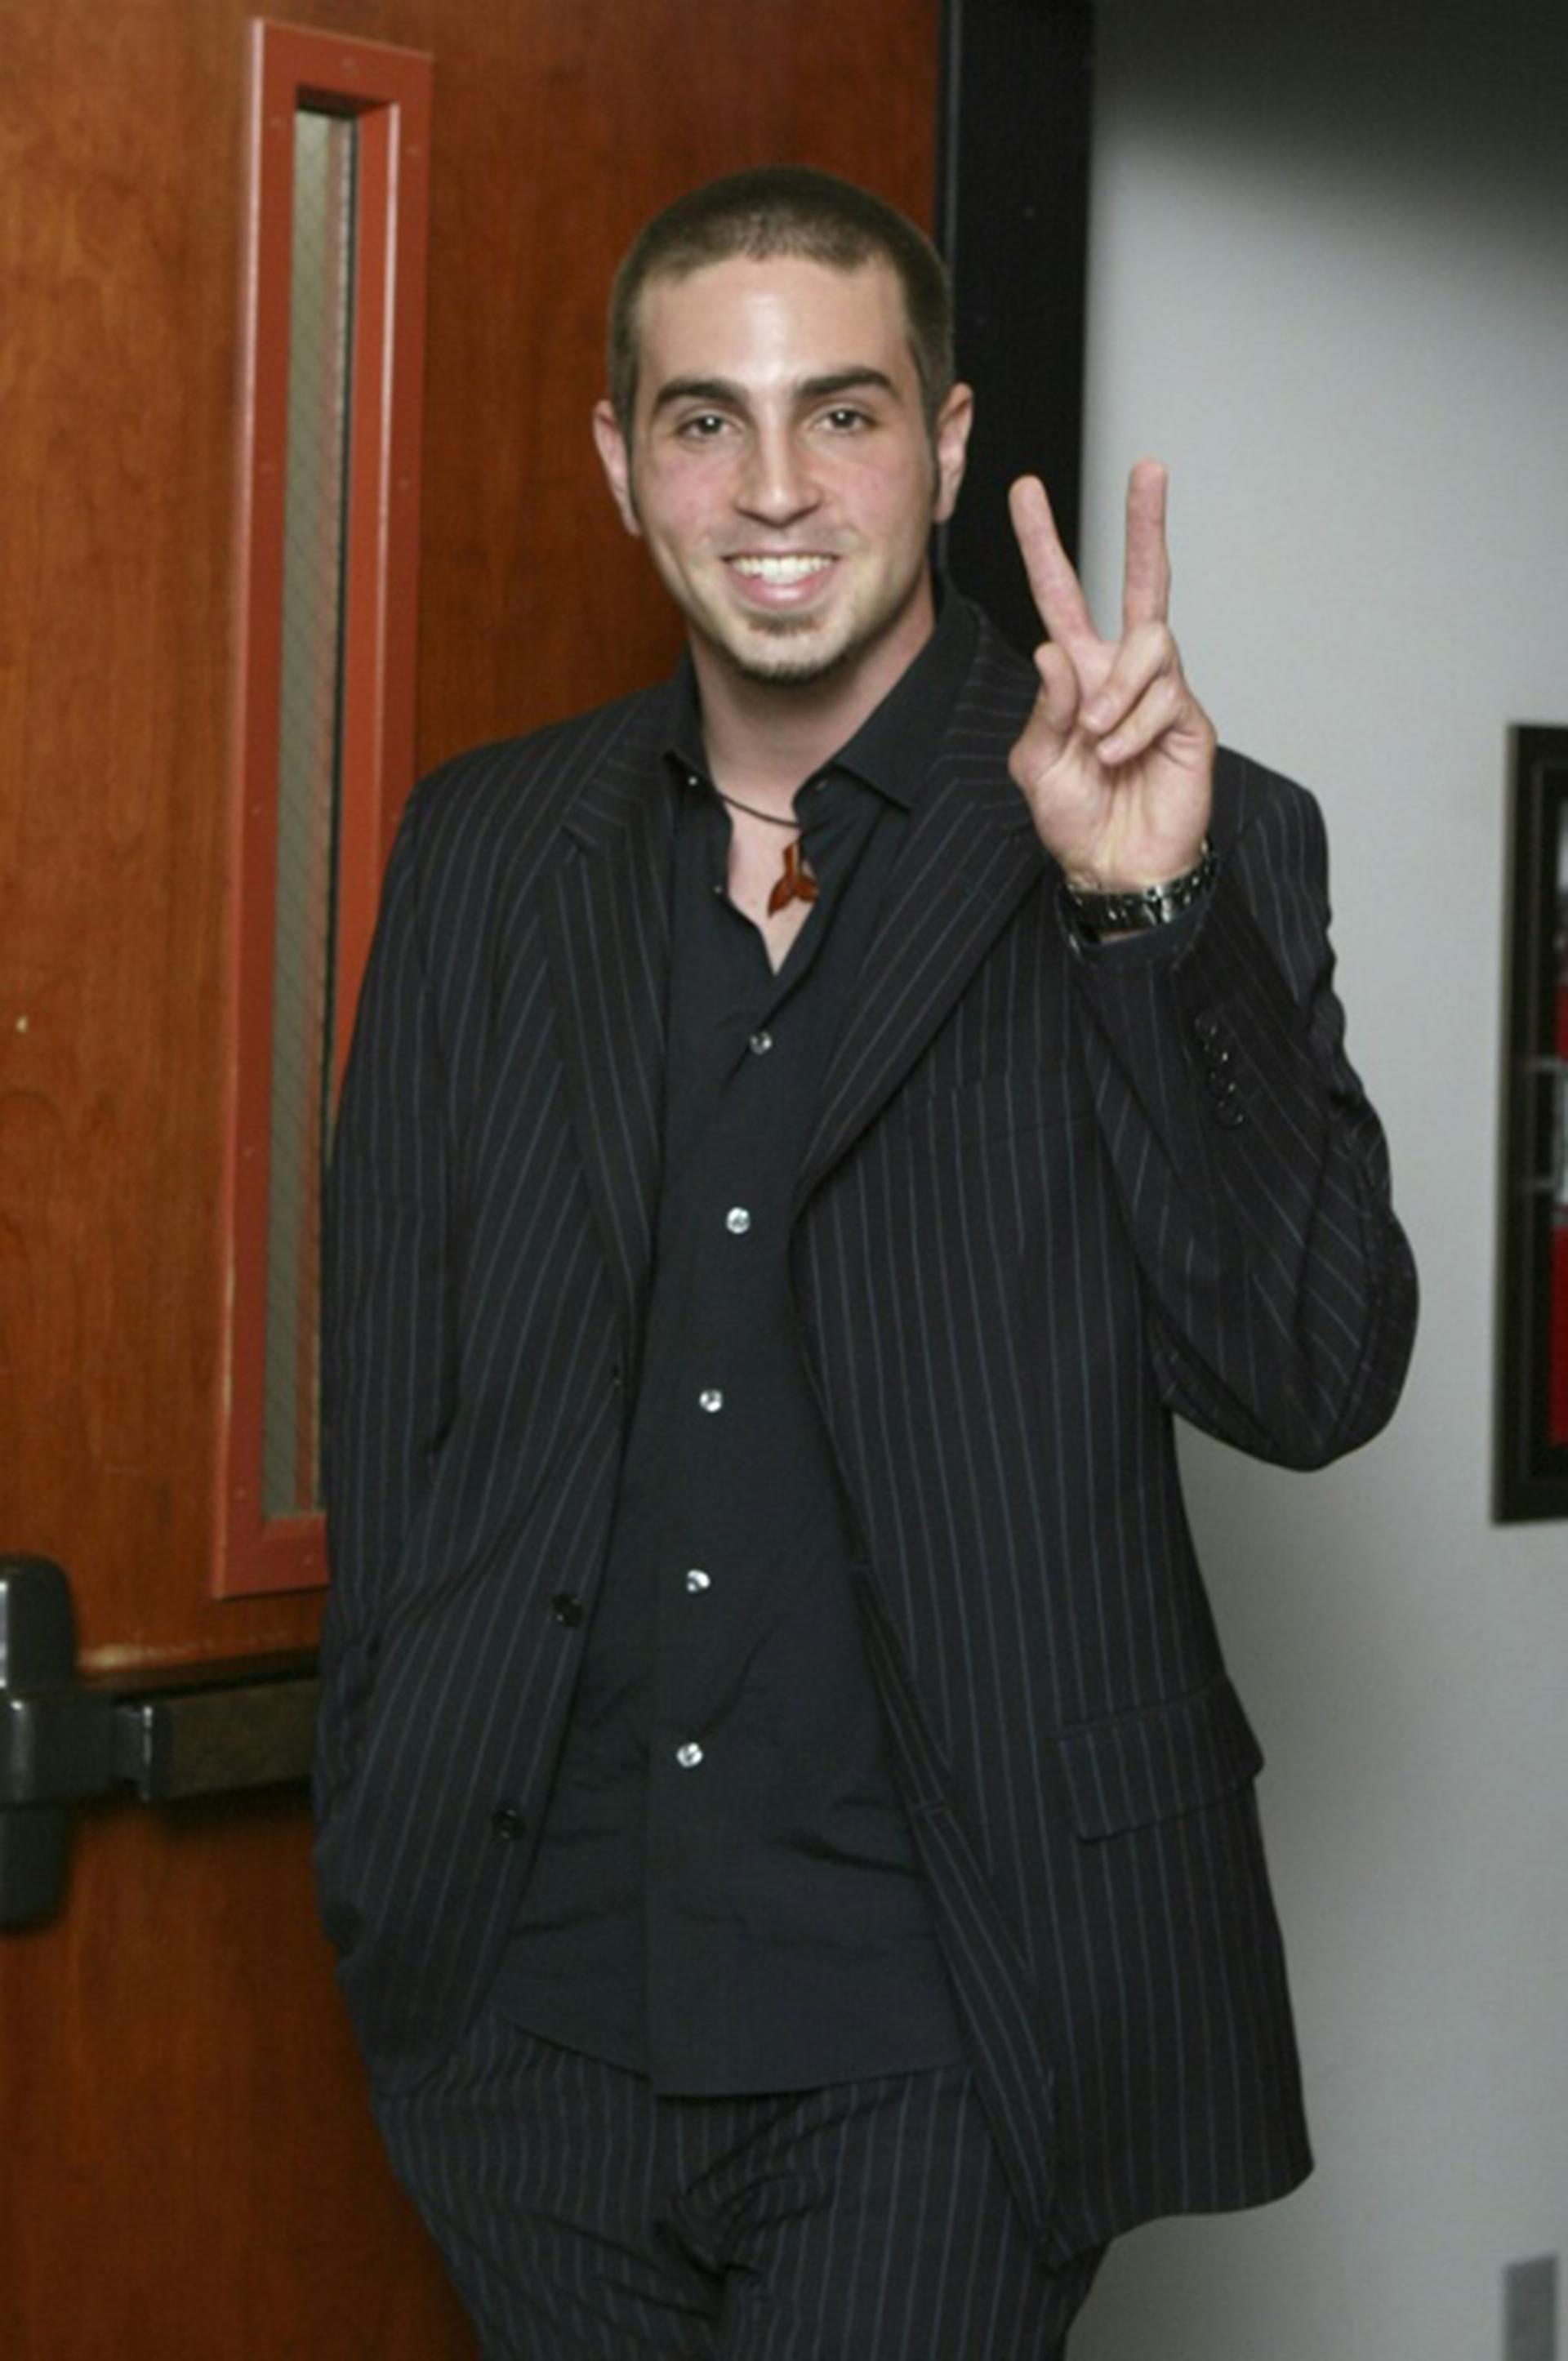 Wade Robson durante el juicio contra Jackson en 2005, cuando testificó a favor del cantante. Hoy, su historia es otra. (Getty Images North America/Getty Images/AFP/Archivos – POOL)